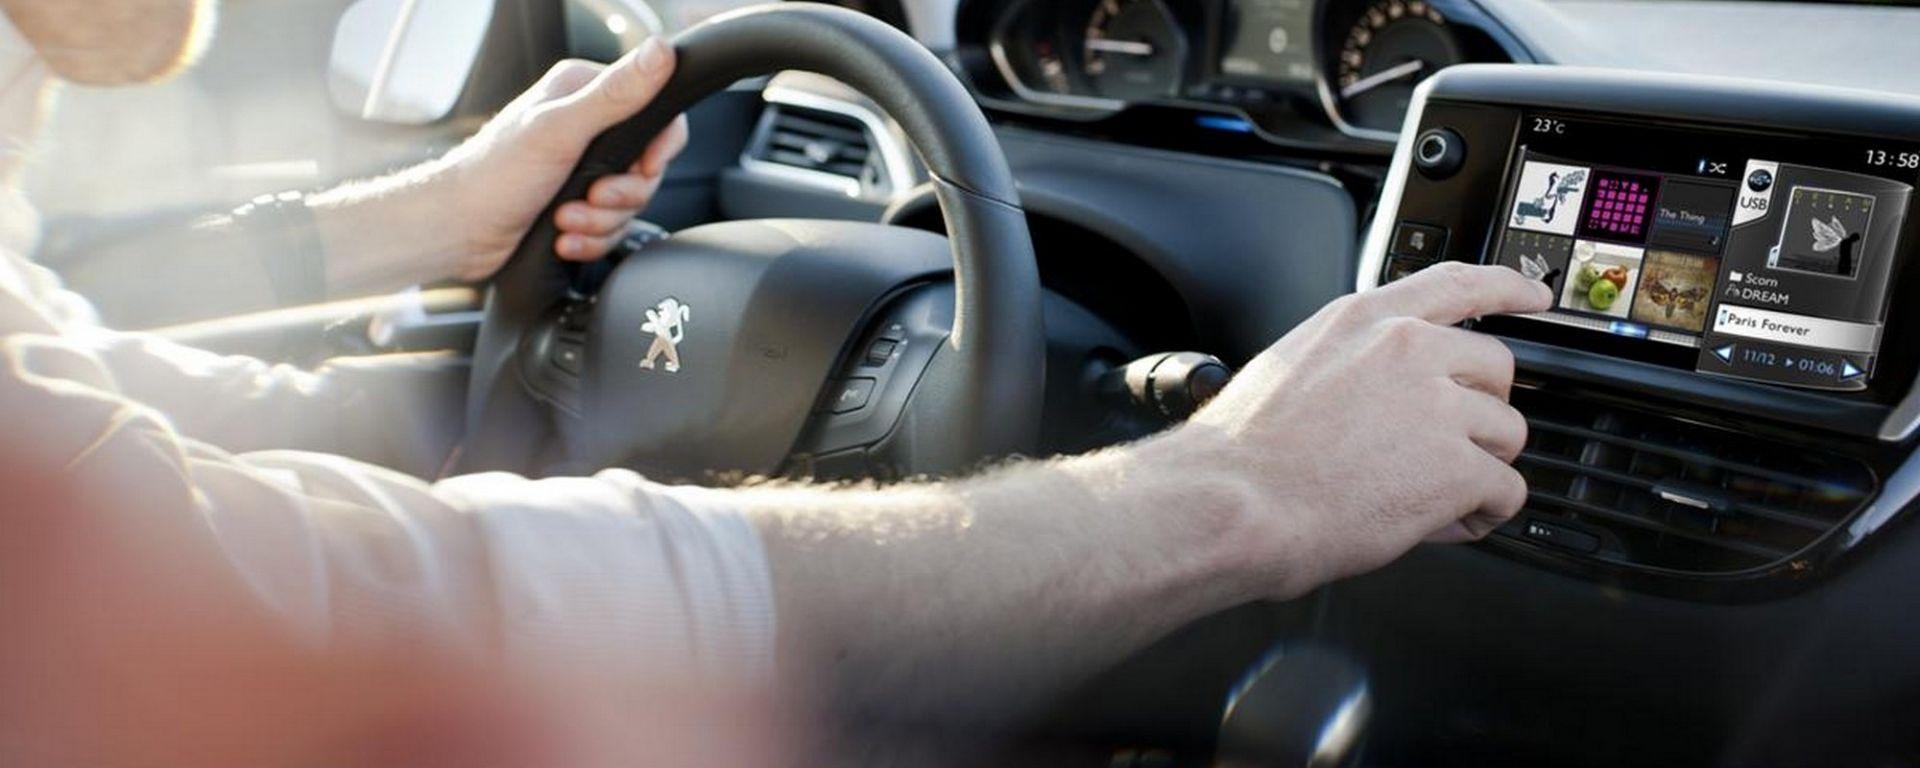 Abuso del navigatore durante la guida